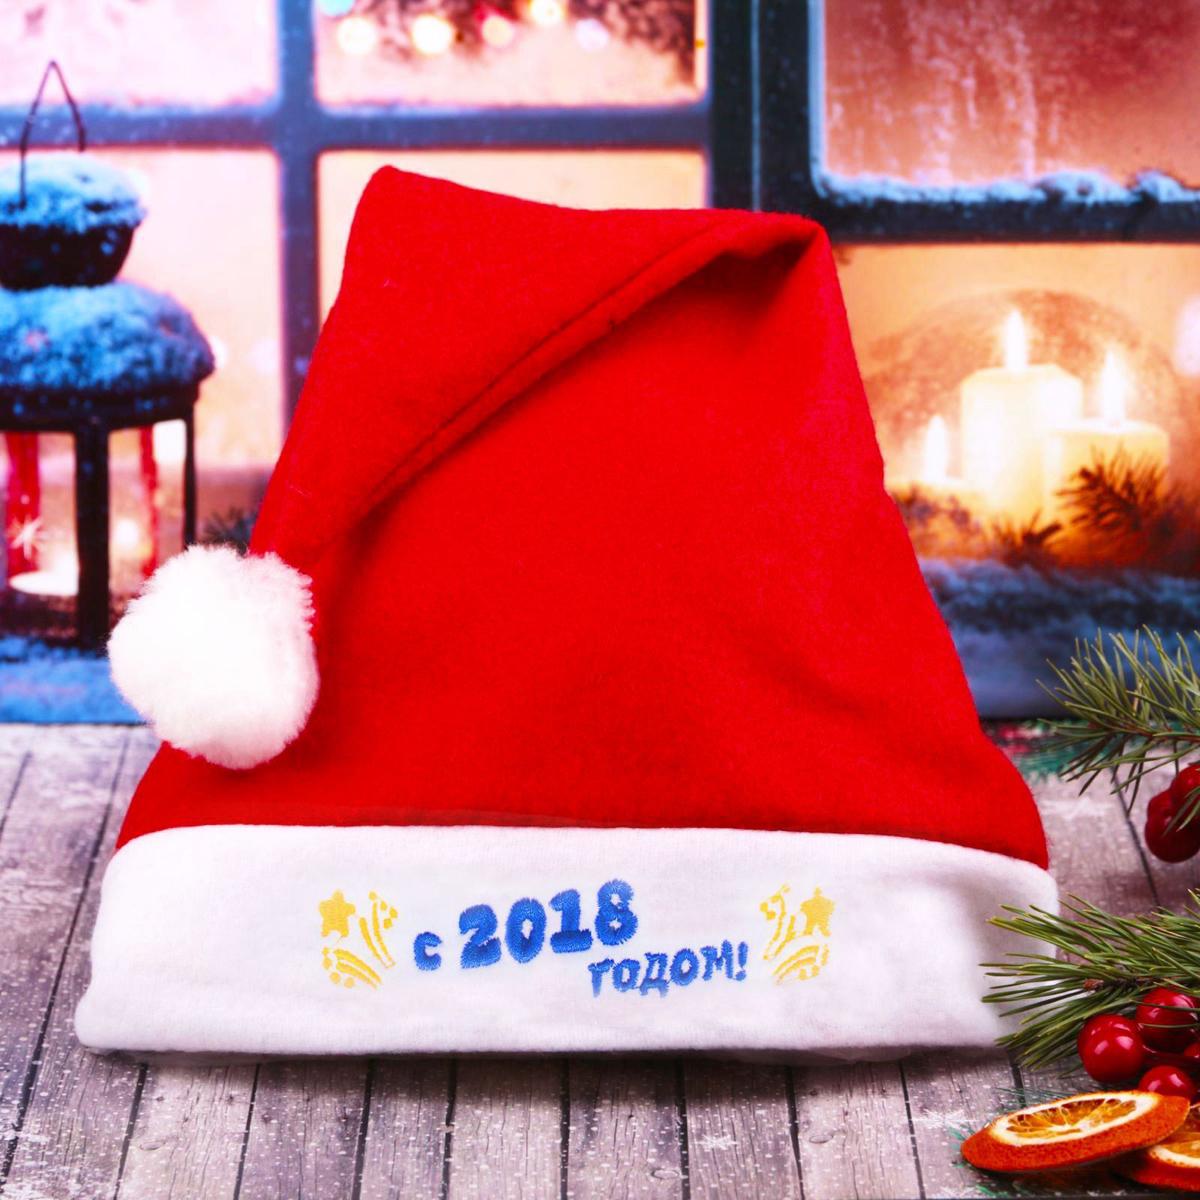 Колпак С Новым 2018 годом!, 41 х 27 см2268094Колпак — традиционный новогодний головной убор, который дополнит любой праздничный костюм. Будет это корпоративная вечеринка, утренник в школе или отдых в компании друзей — изделие поднимет настроение, где бы вы ни находились. Колпачок подойдет тем, кто собирается отмечать зимний праздник в помещении. В противном случае его следует надеть на теплую шапку, чтобы не простудиться.